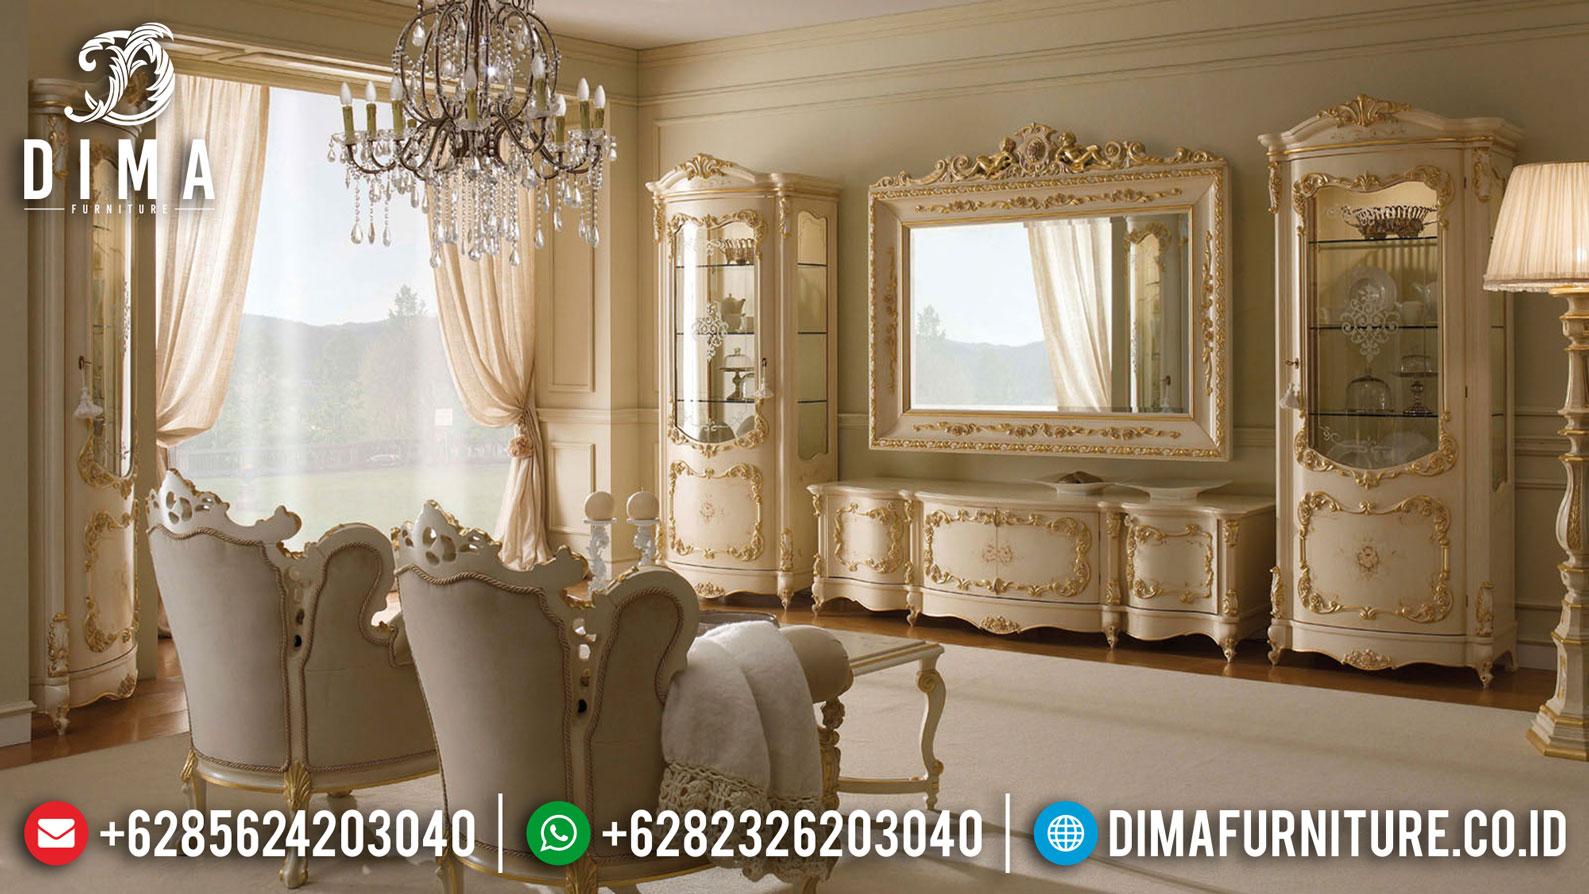 For Sale Lemari Hias Mewah Luxury Living Room Design Mebel Jepara Terbaru TTJ-1029